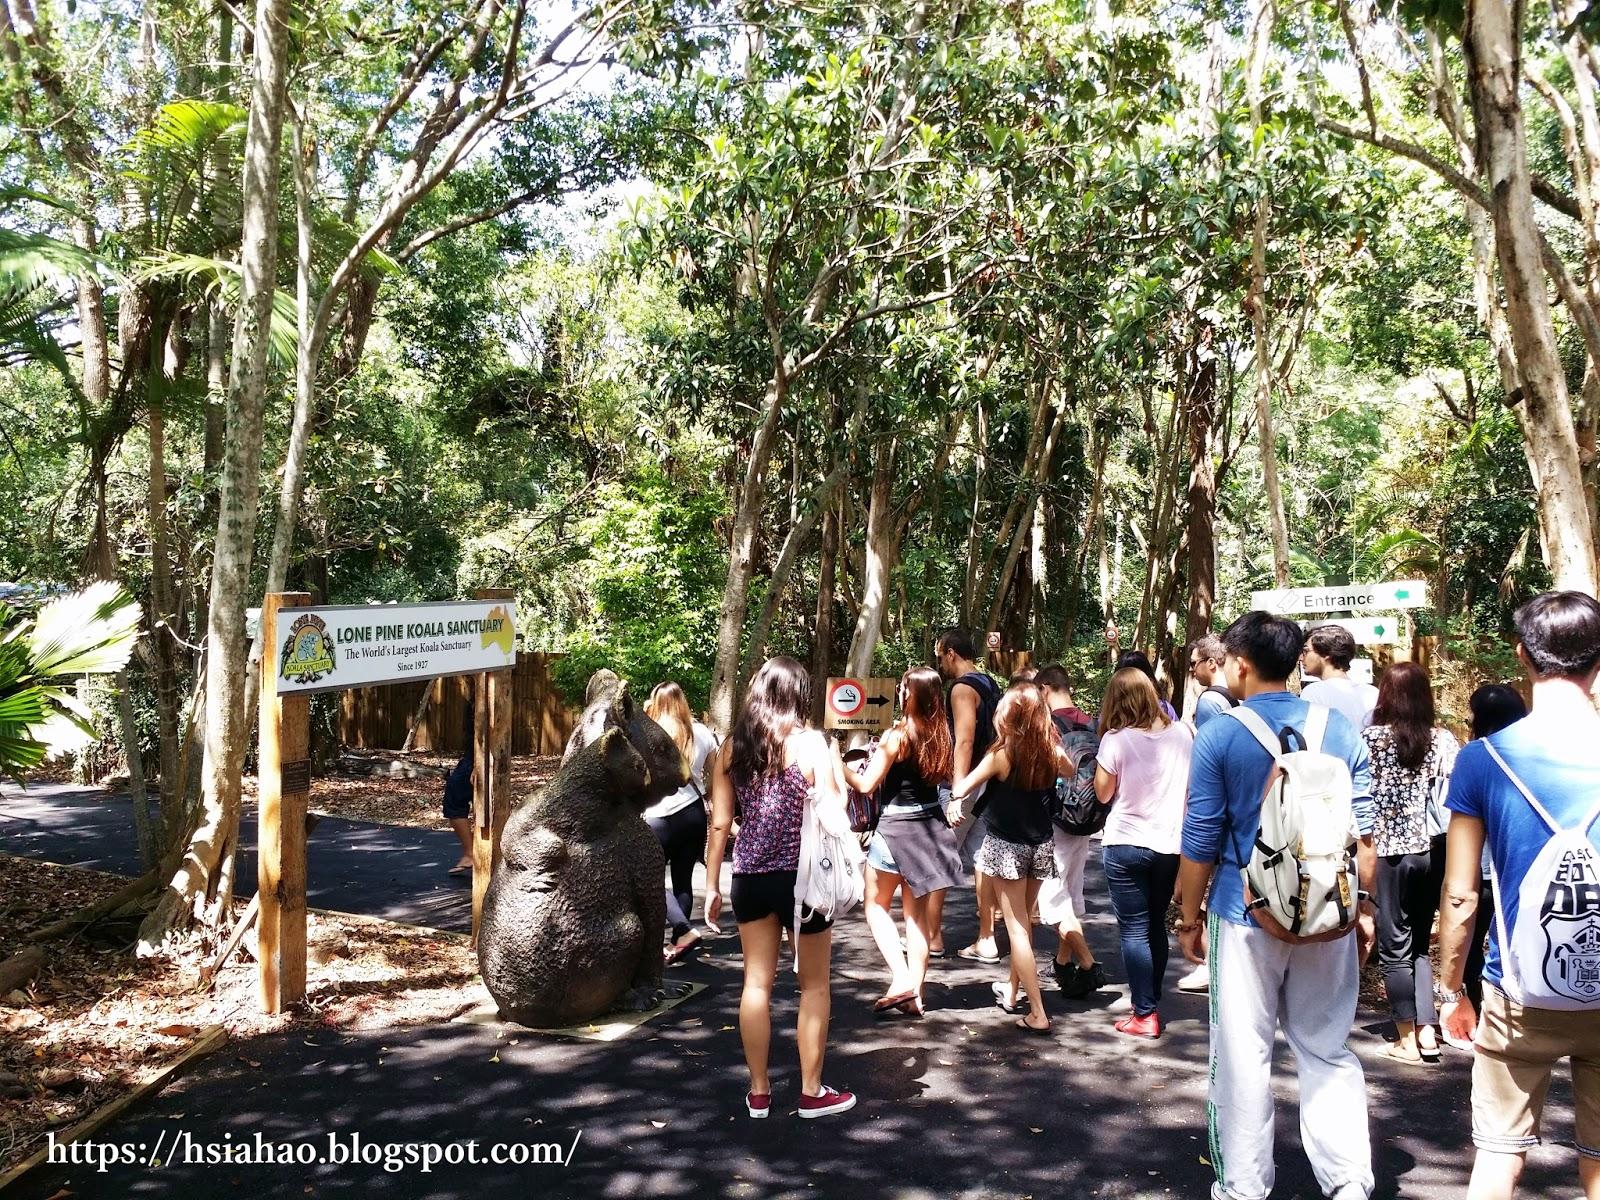 布里斯本-龍柏動物園-門票-龍柏動物園活動-無尾熊-袋鼠-行程-龍柏動物園遊記-Lone-Pine-Koala-Sanctuary-Brisbane